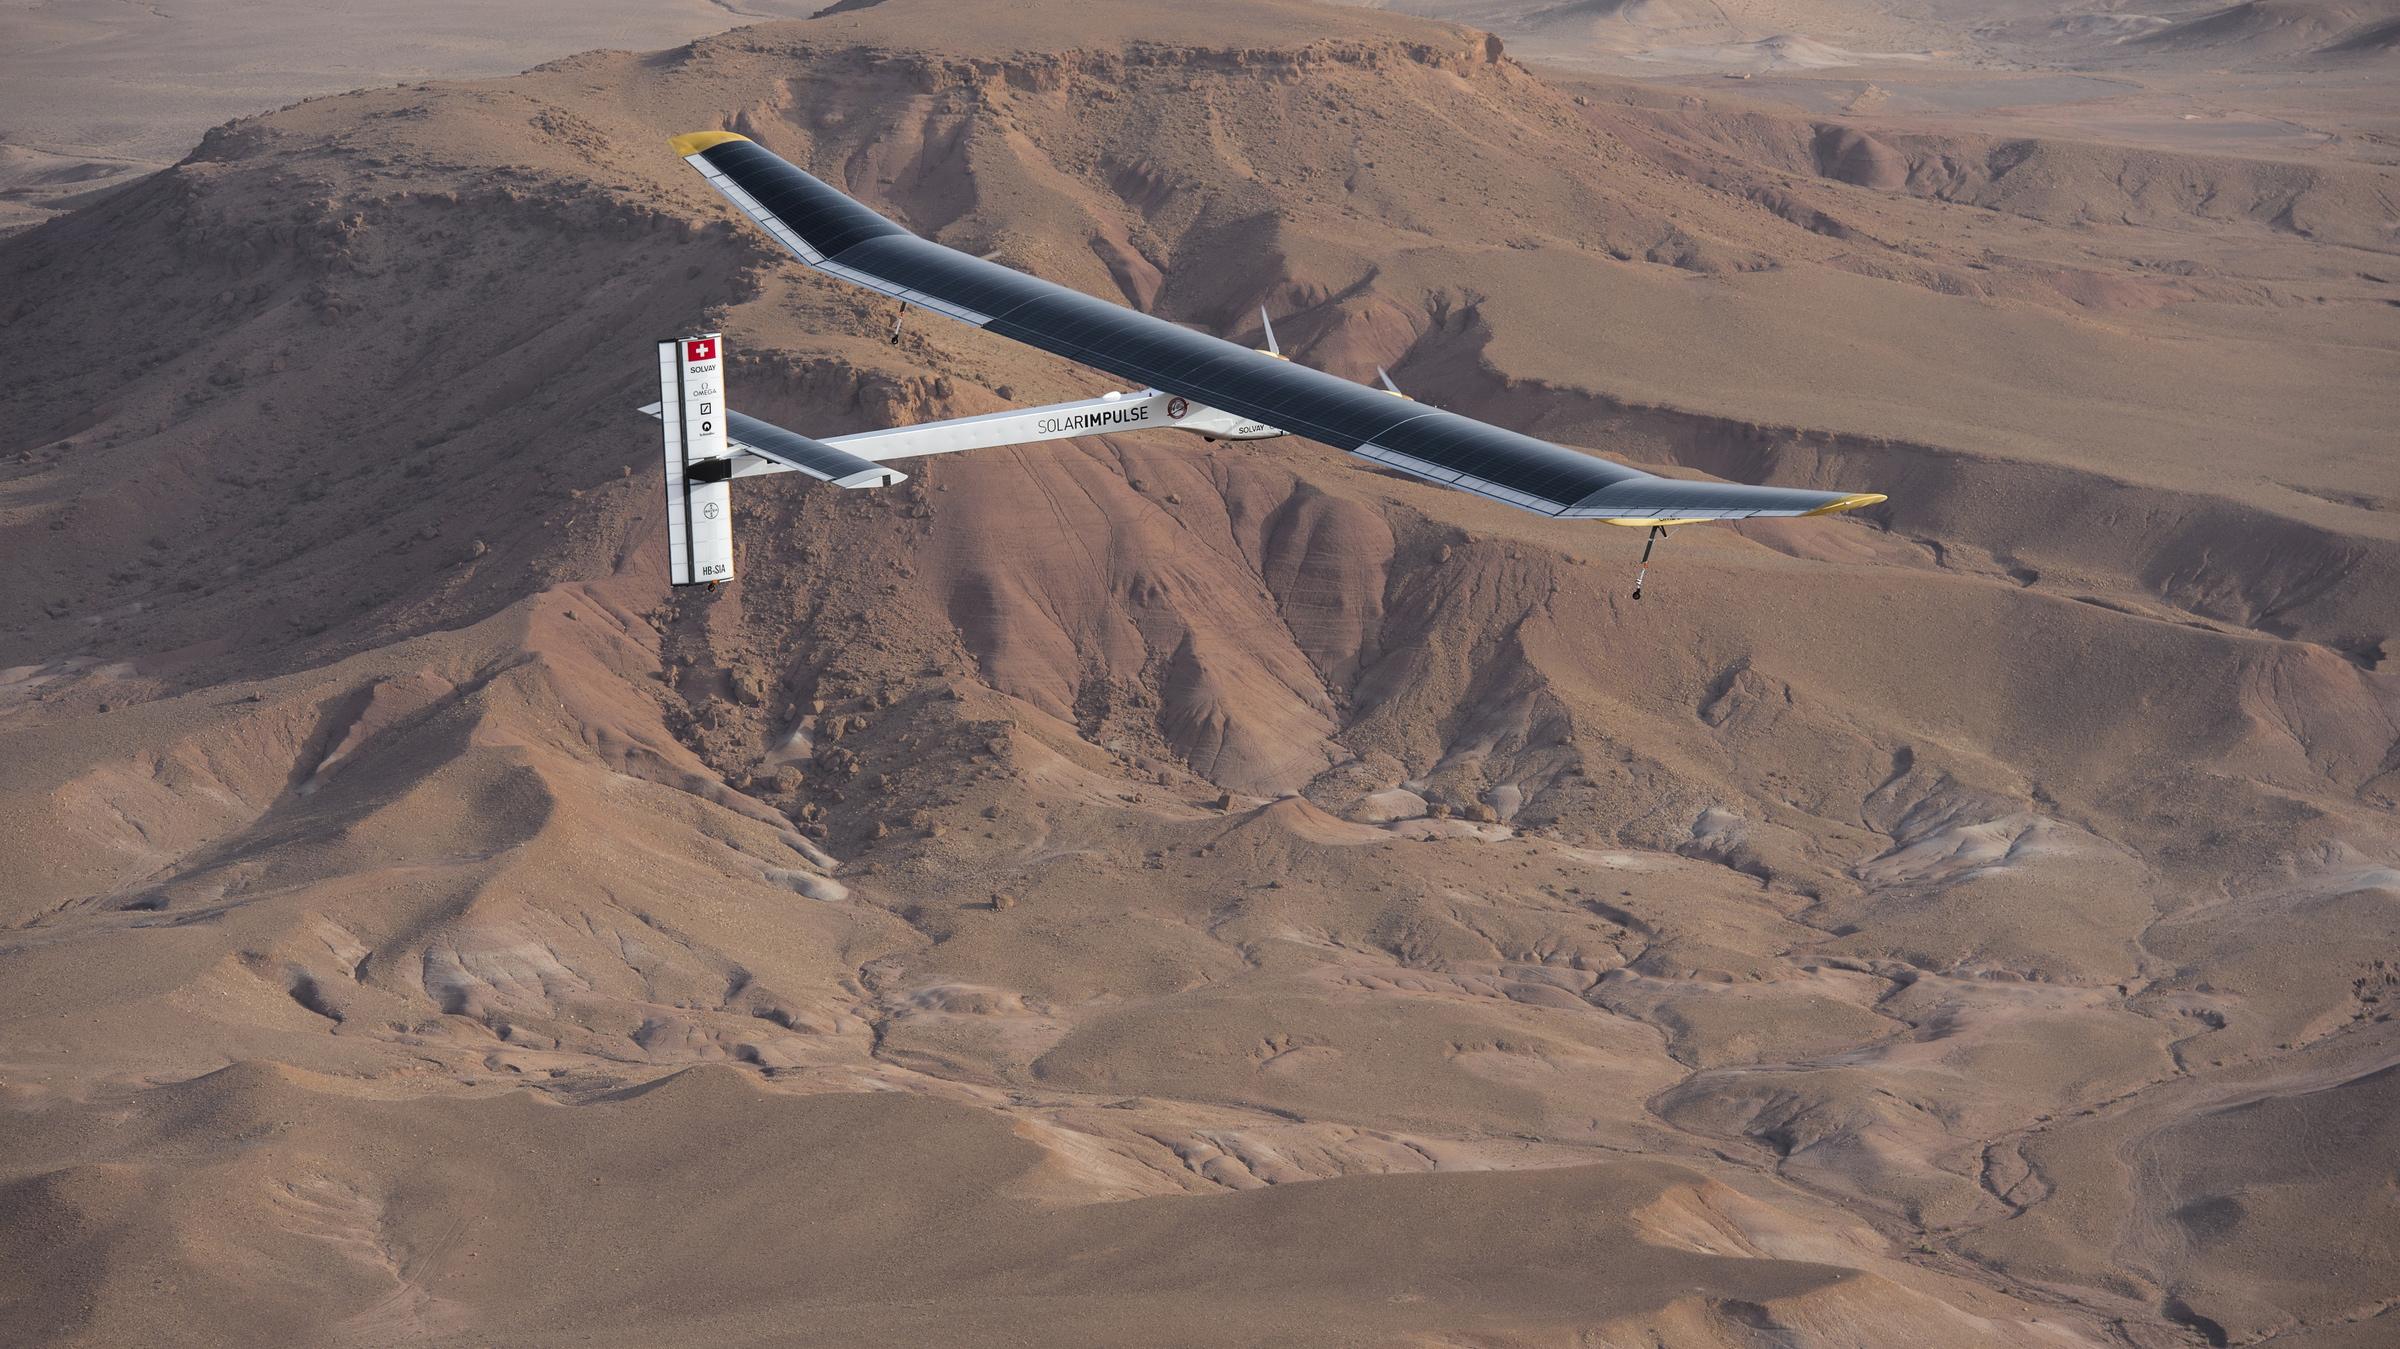 Solar impulse piloté par andré Borschberg a decolé ce matin de l'aeroport de Ourazazate à destinationn de Rabat.